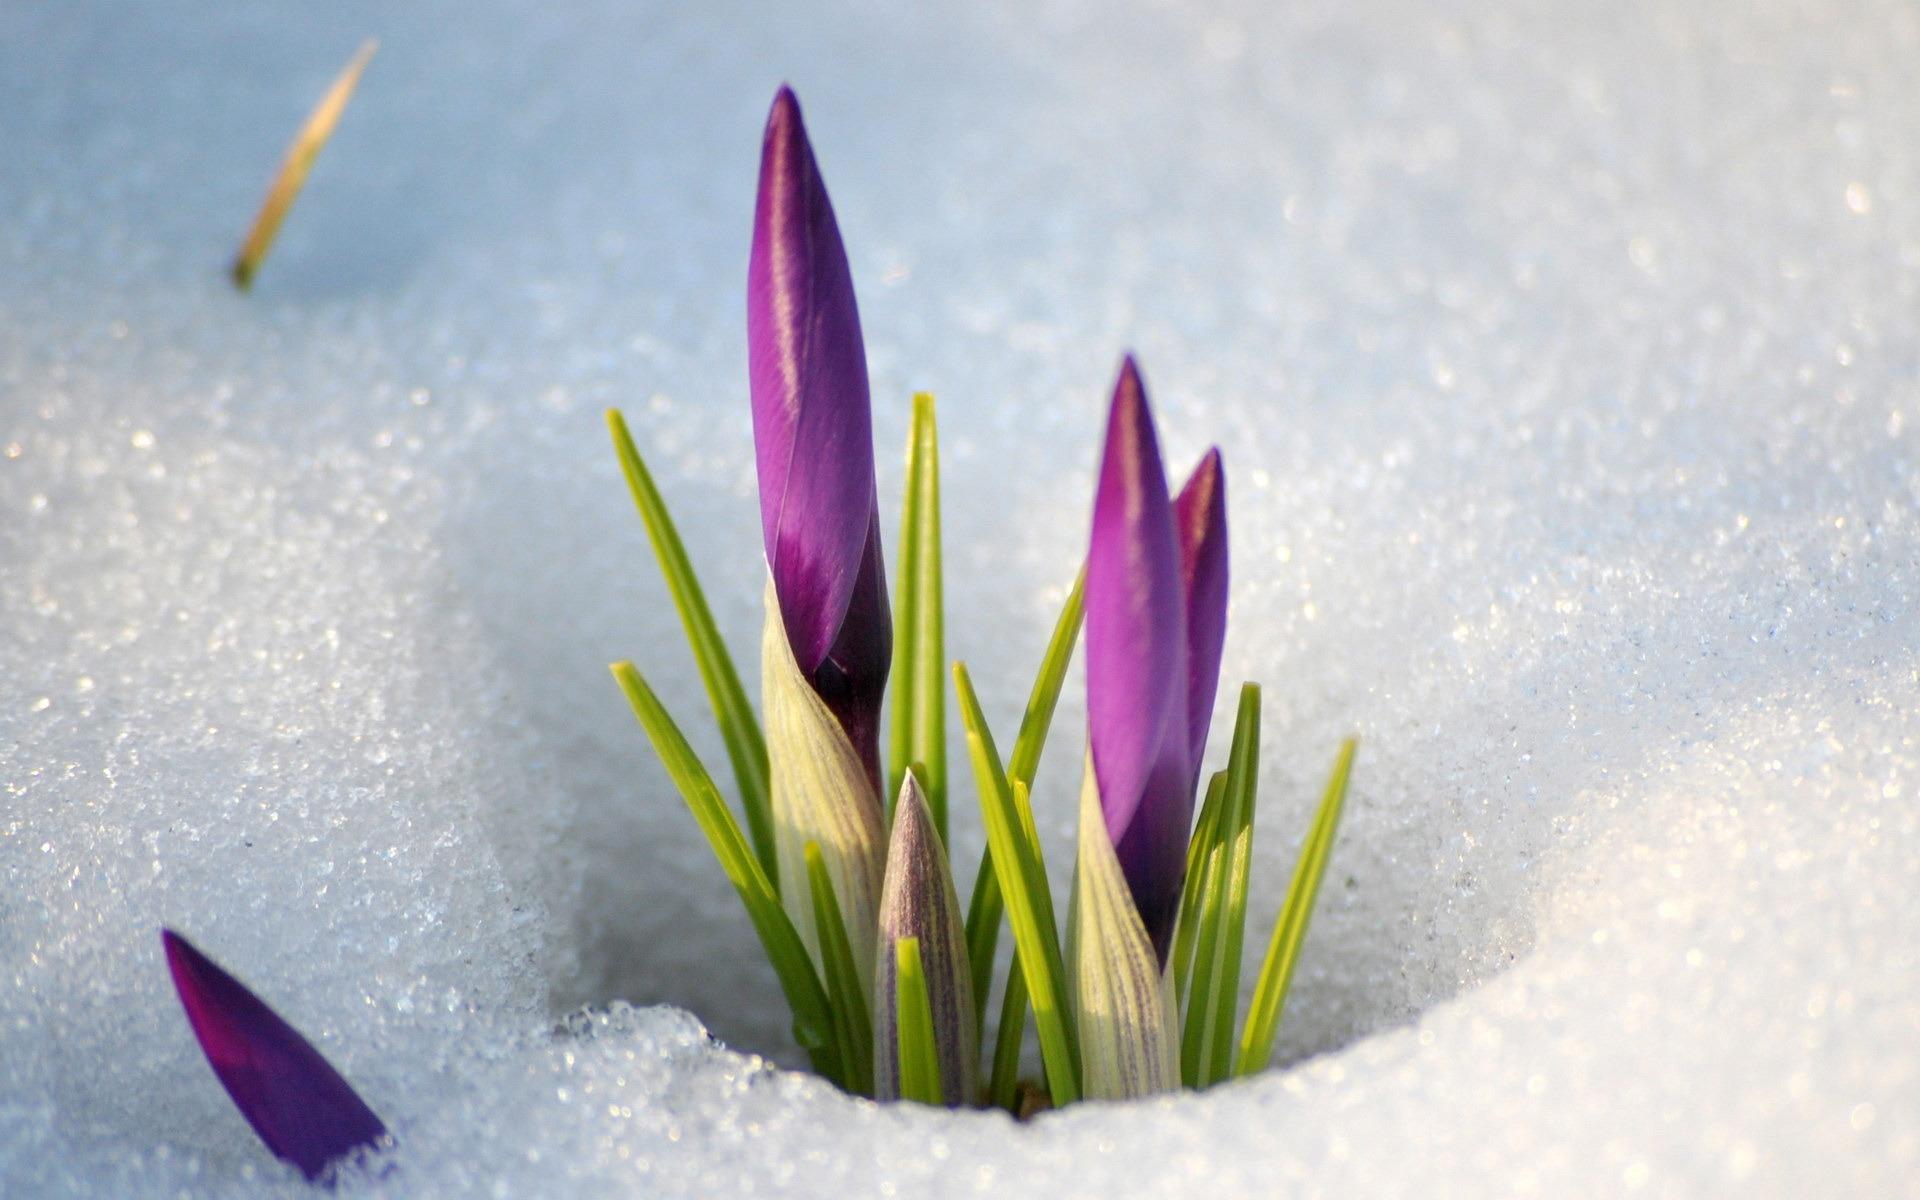 Природа пейзаж весна цветы снег